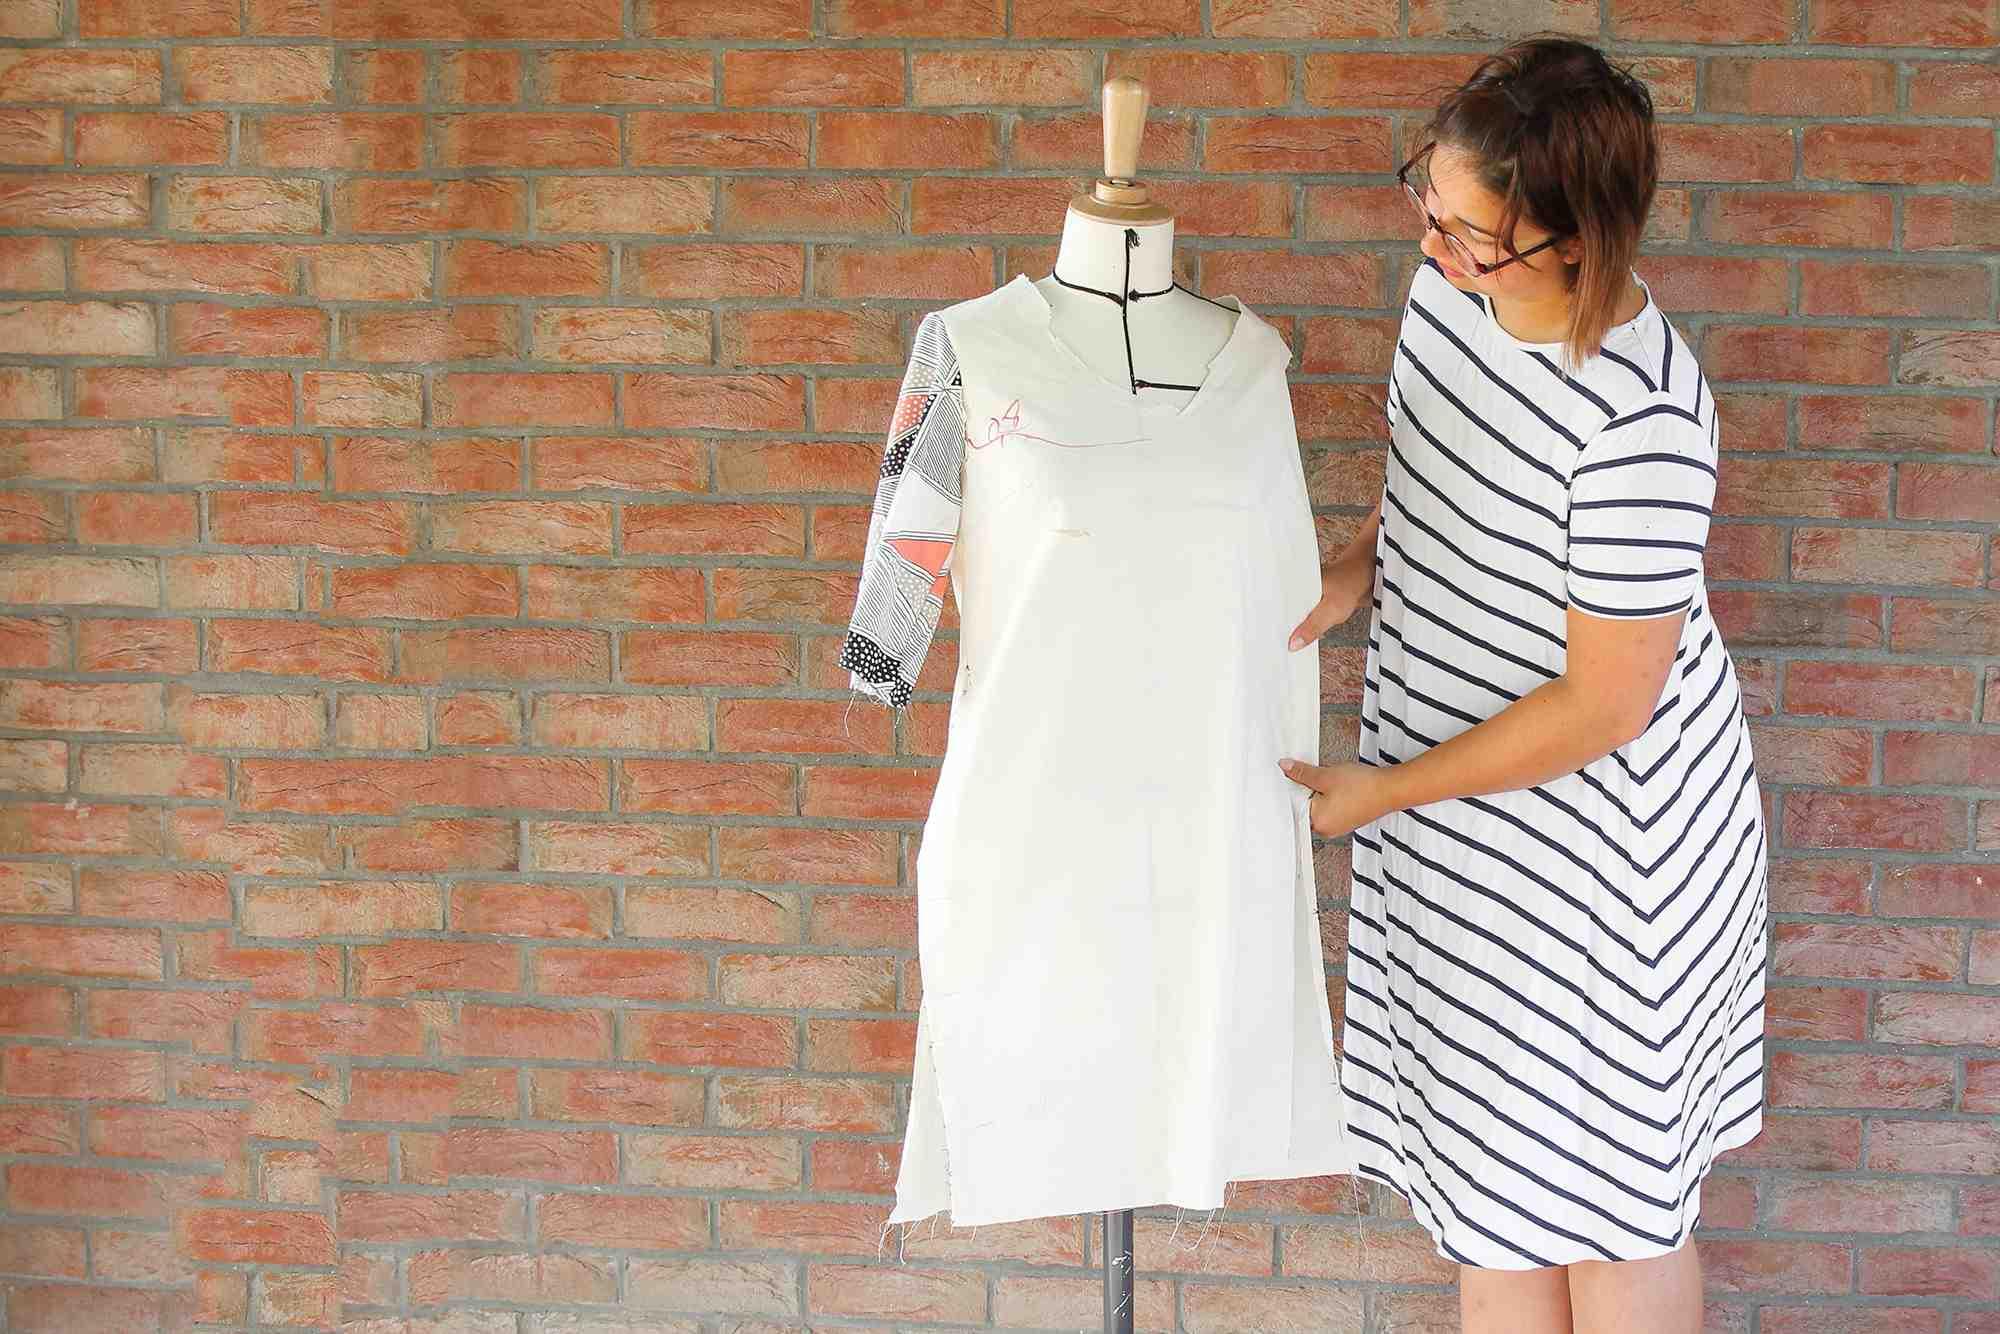 Quel est le vêtement le plus cher au monde ?